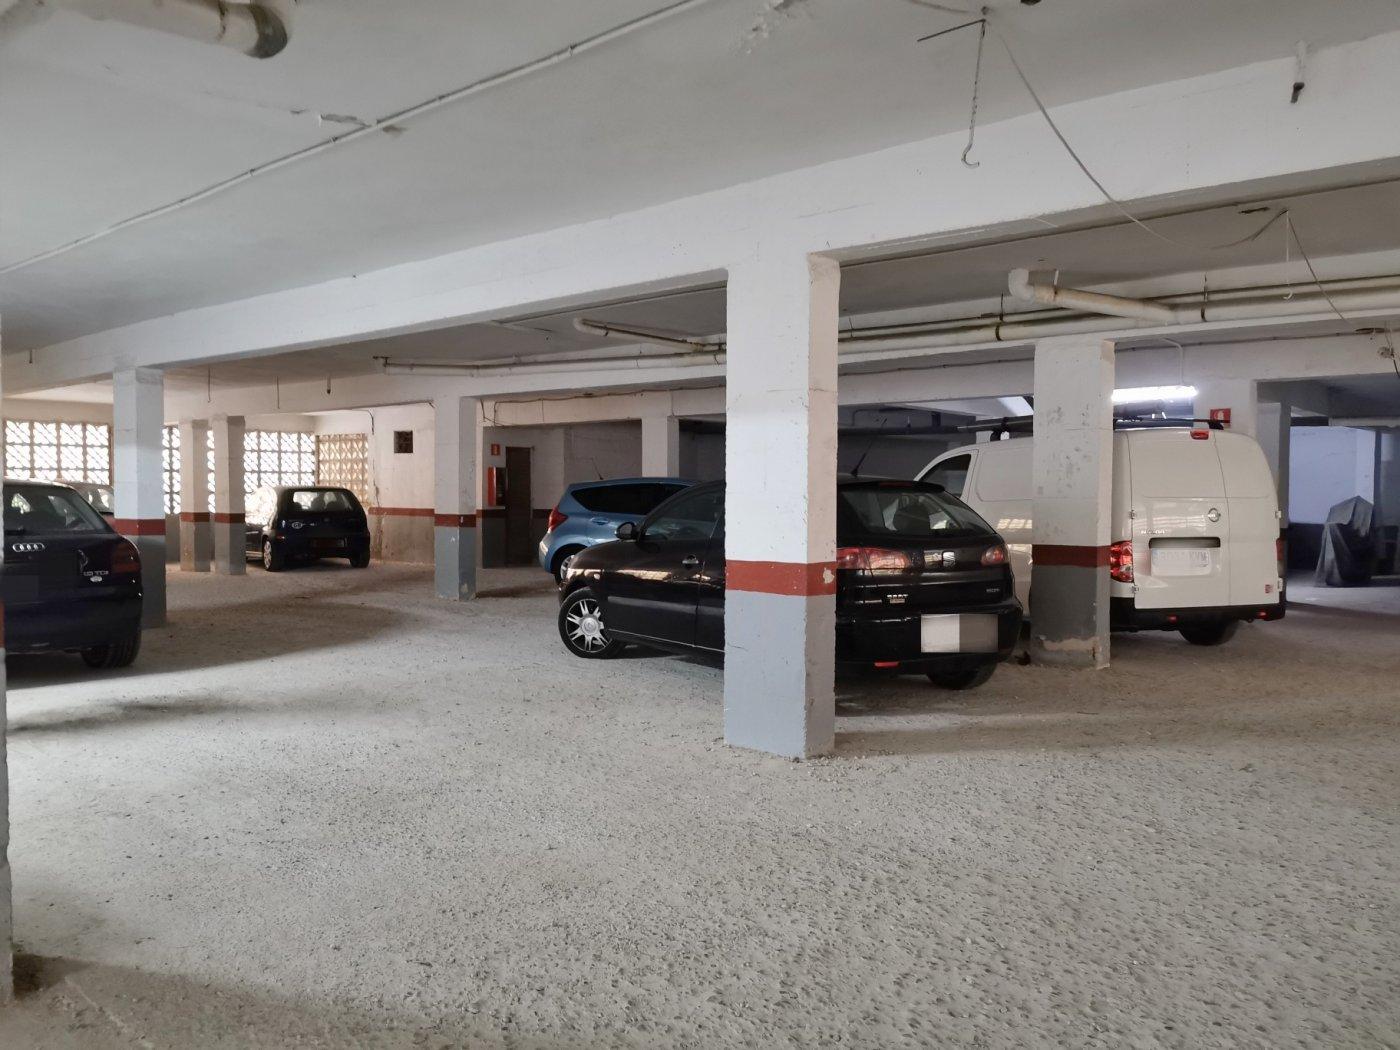 Se vende piso de dos dormitorios con piscina y parking comunitaria - imagenInmueble17